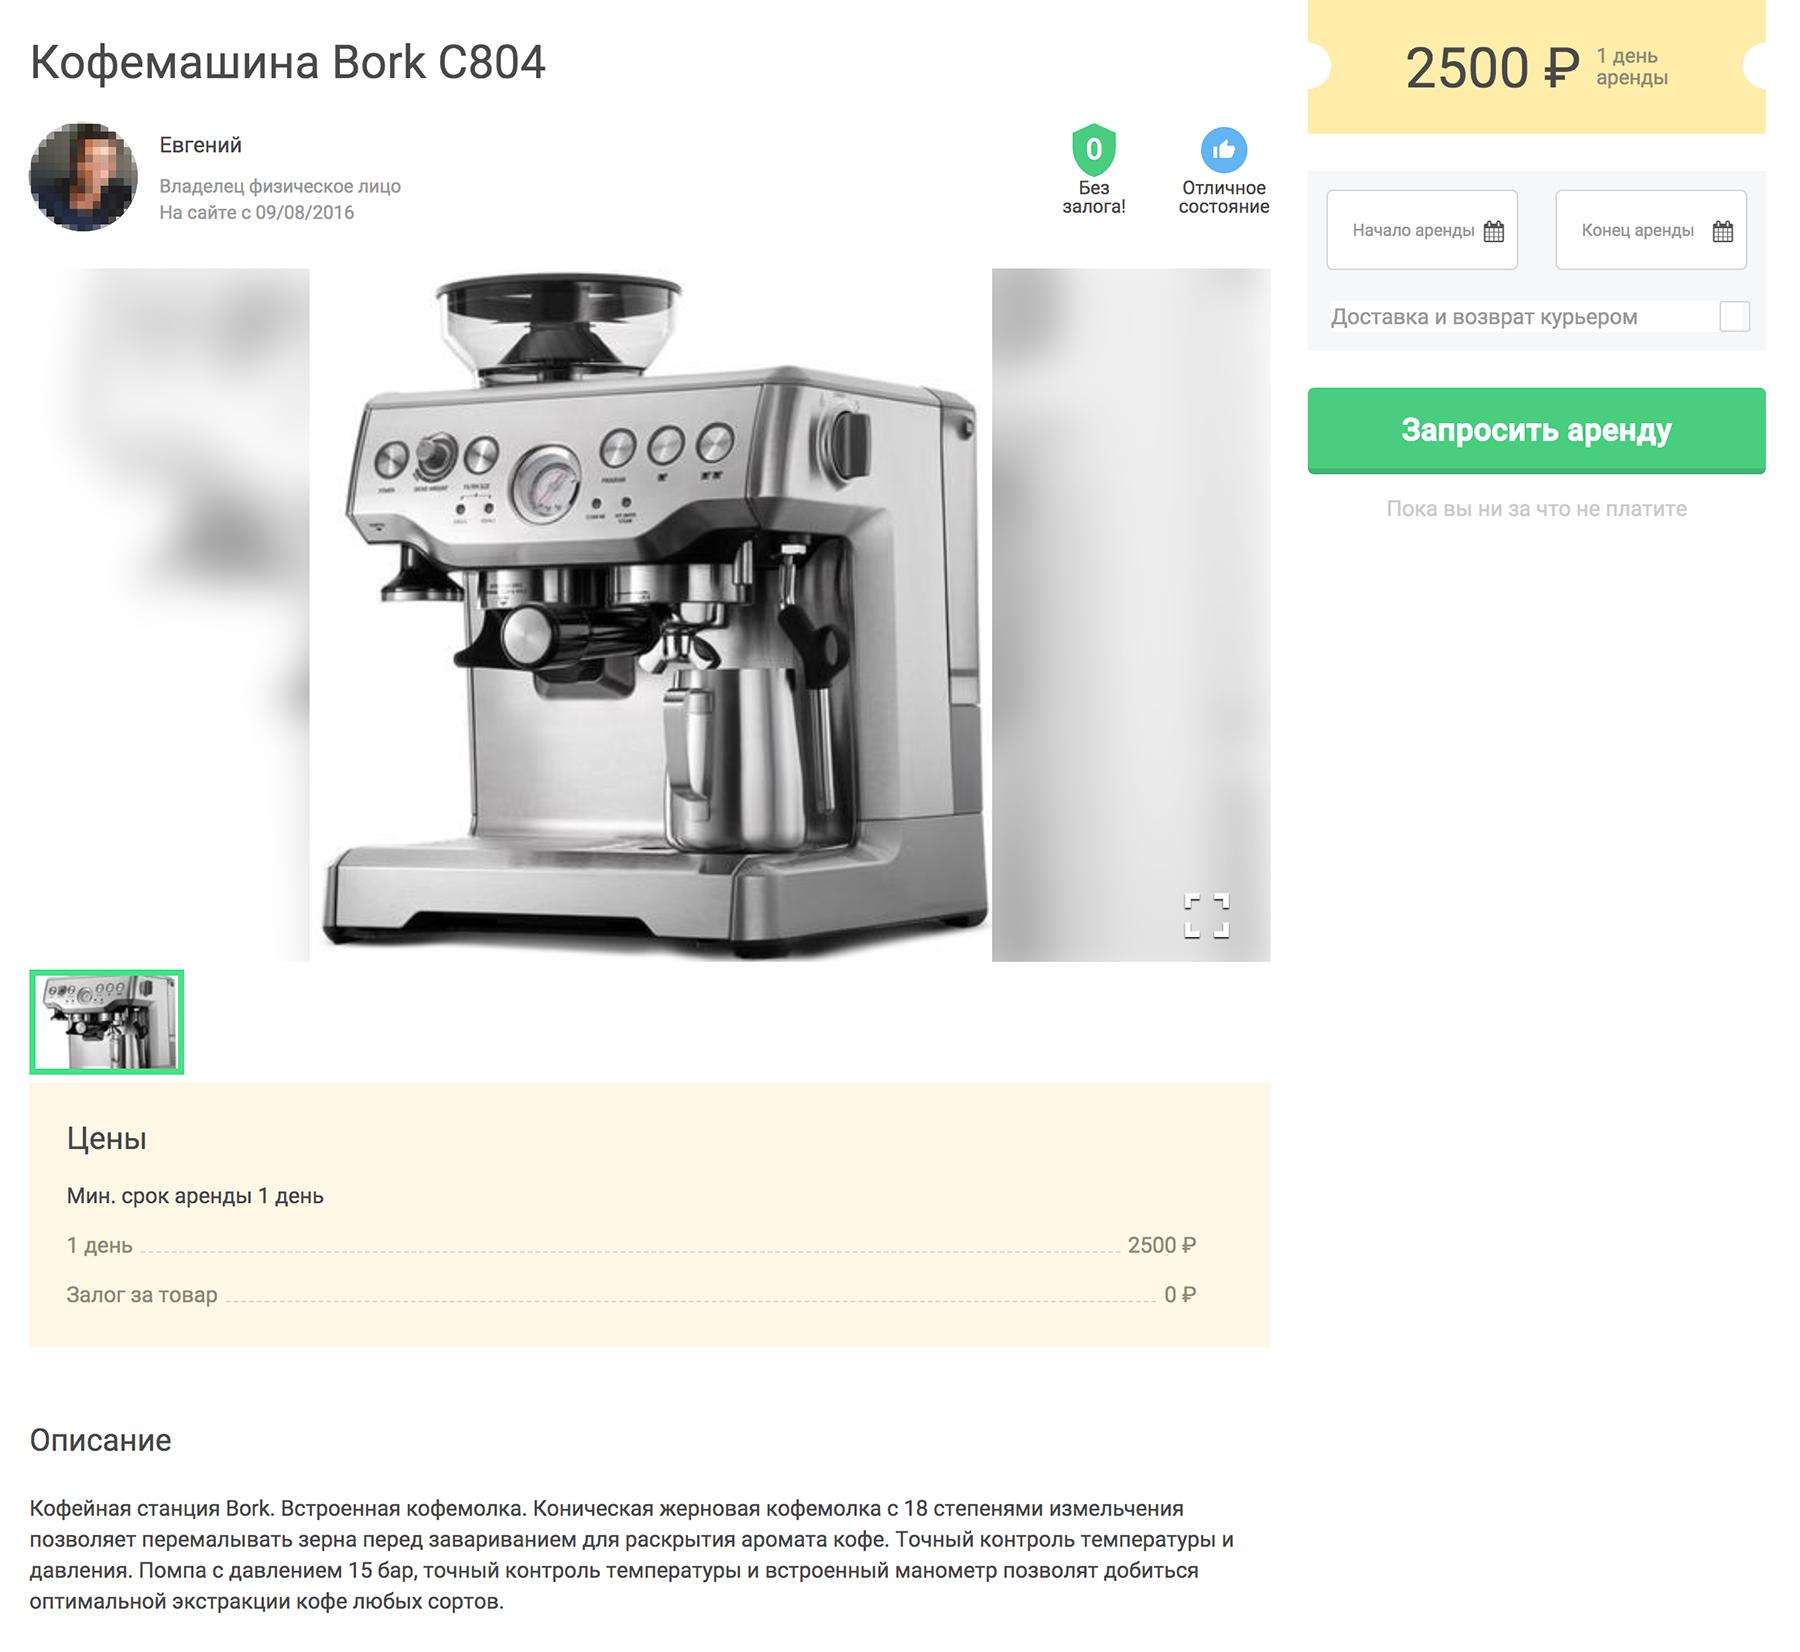 Кофемашину сдают в аренду за 2500 р. в день. В интернет-магазине «Борк» эта модель стоит 68 800 р.